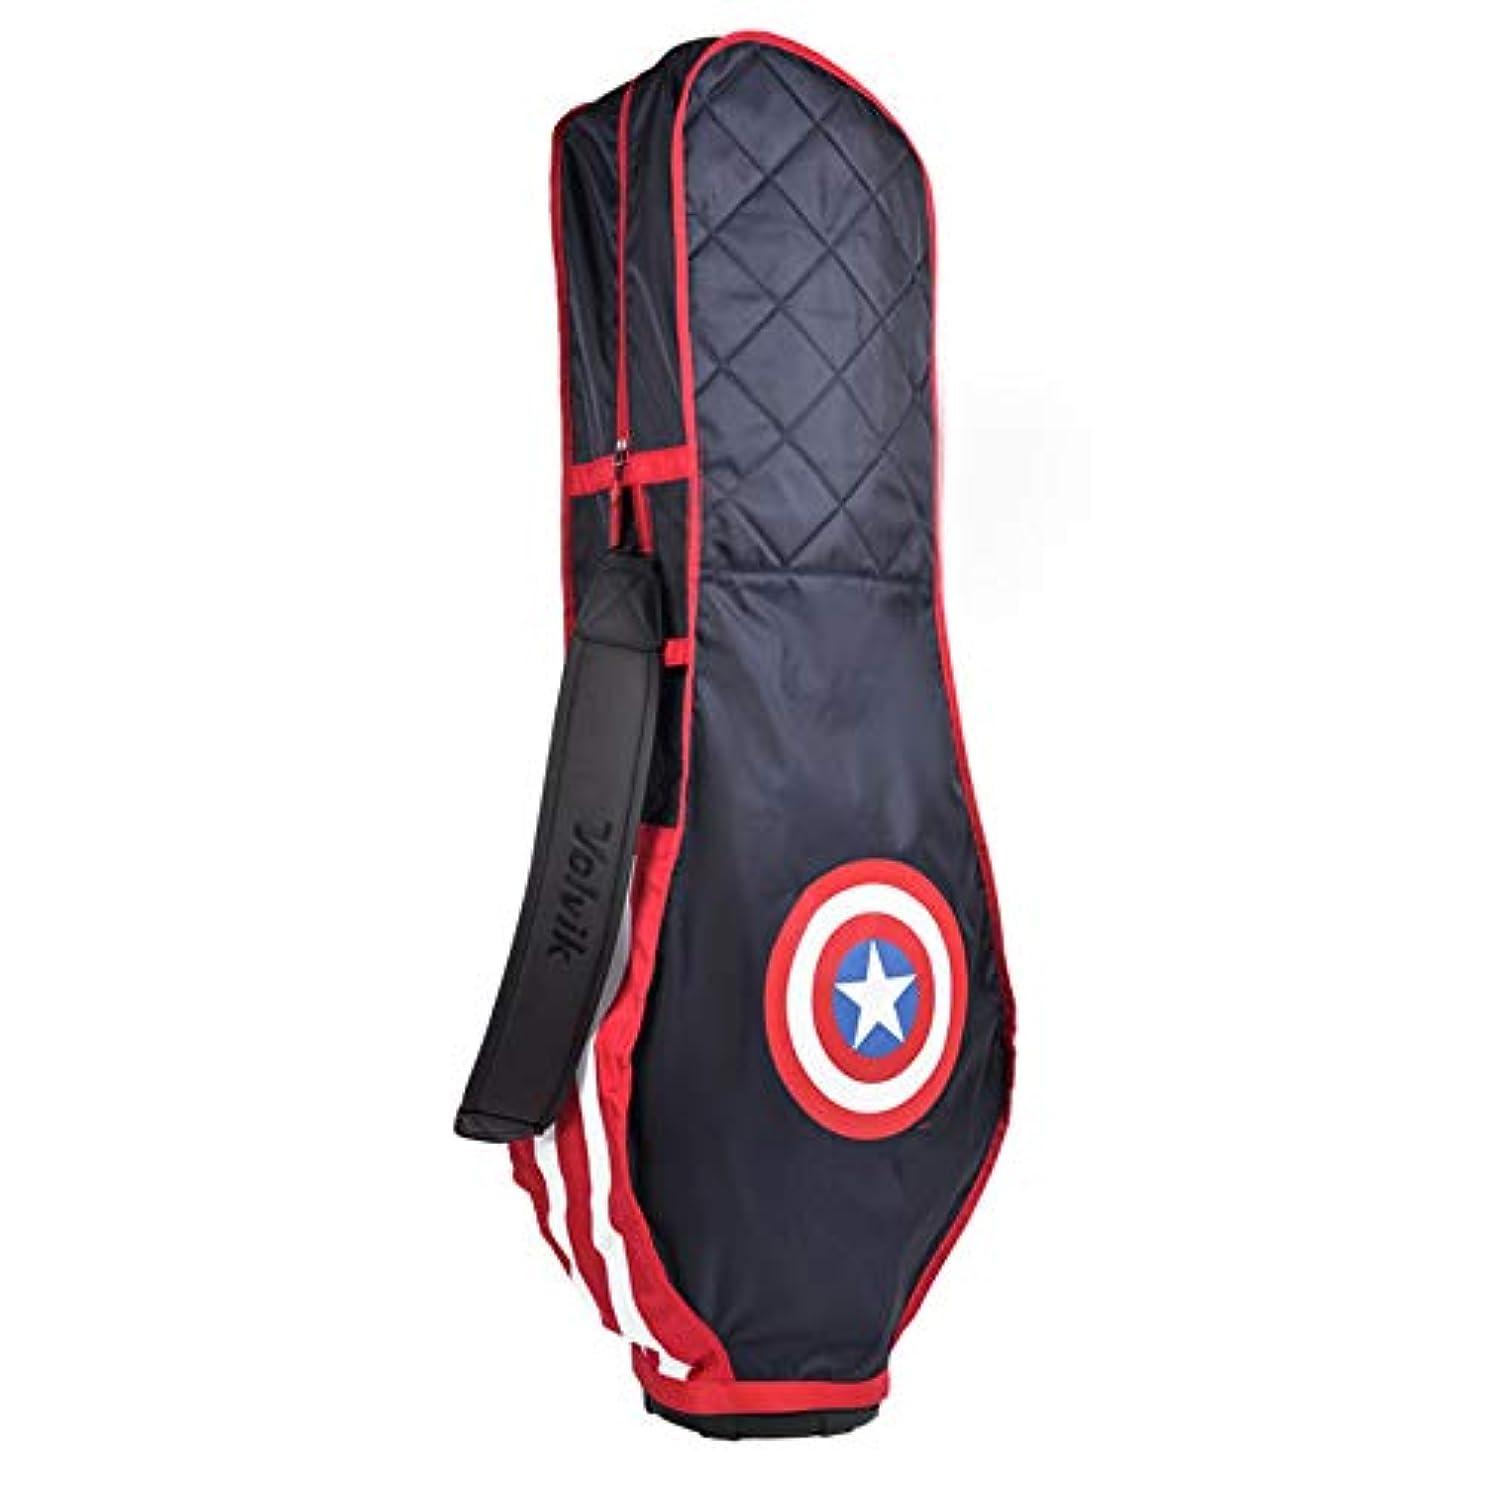 不健全引き潮施設Volvik X Marvel Heroes ゴルフバック トラベル カバー キャディバッグ 保護カバー 旅行 航空 輸送用 カバー 折り畳み式/キャプテン・アメリカ [並行輸入品]